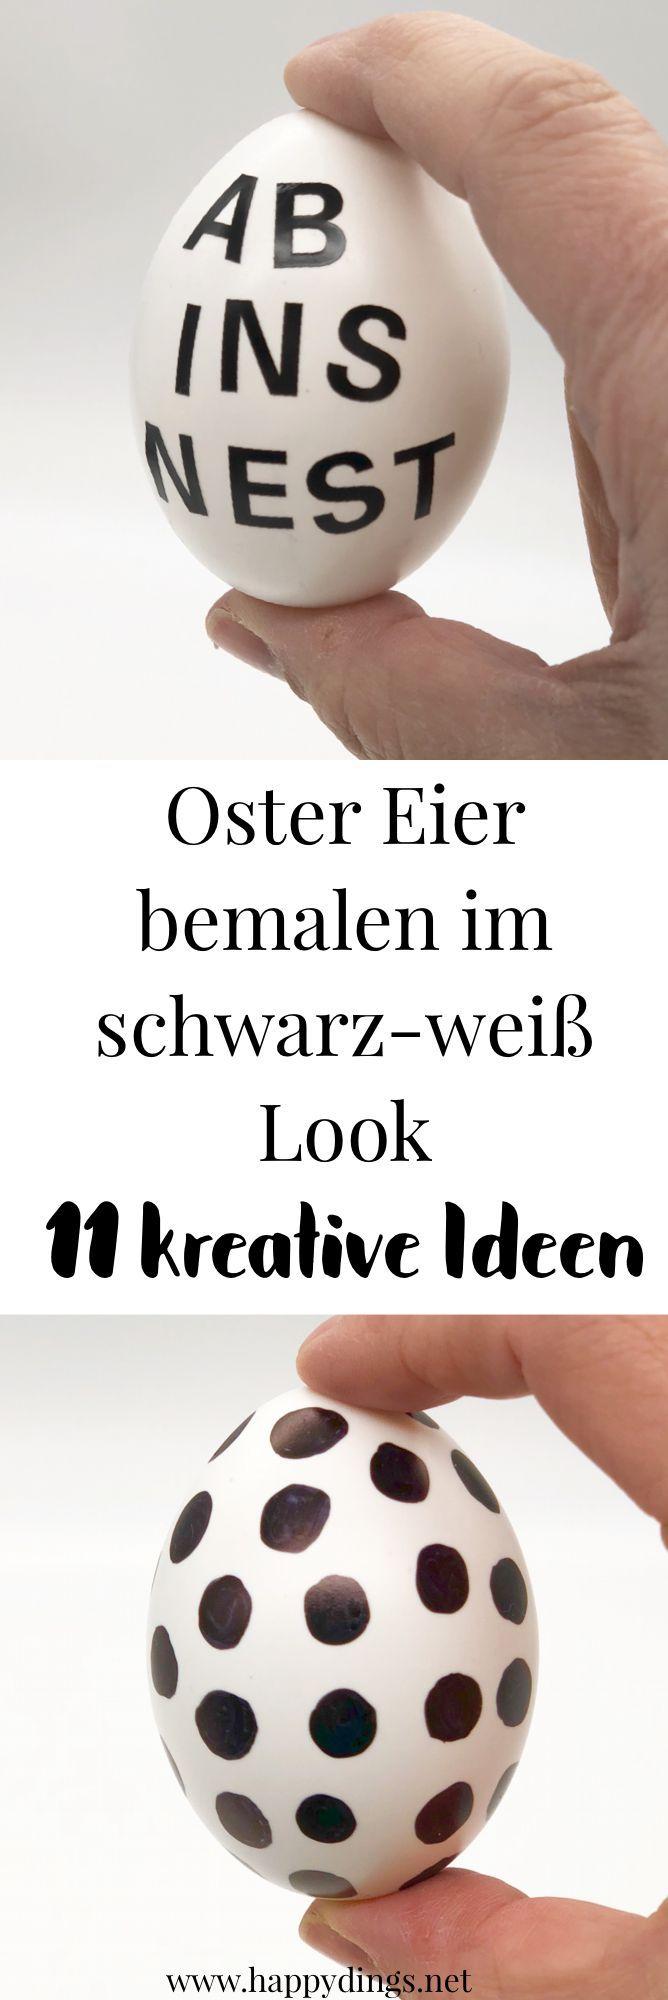 Osterdeko selber machen - Ostereier bemalen in schwarz-weiß  - We ♥ Osterdekoration -